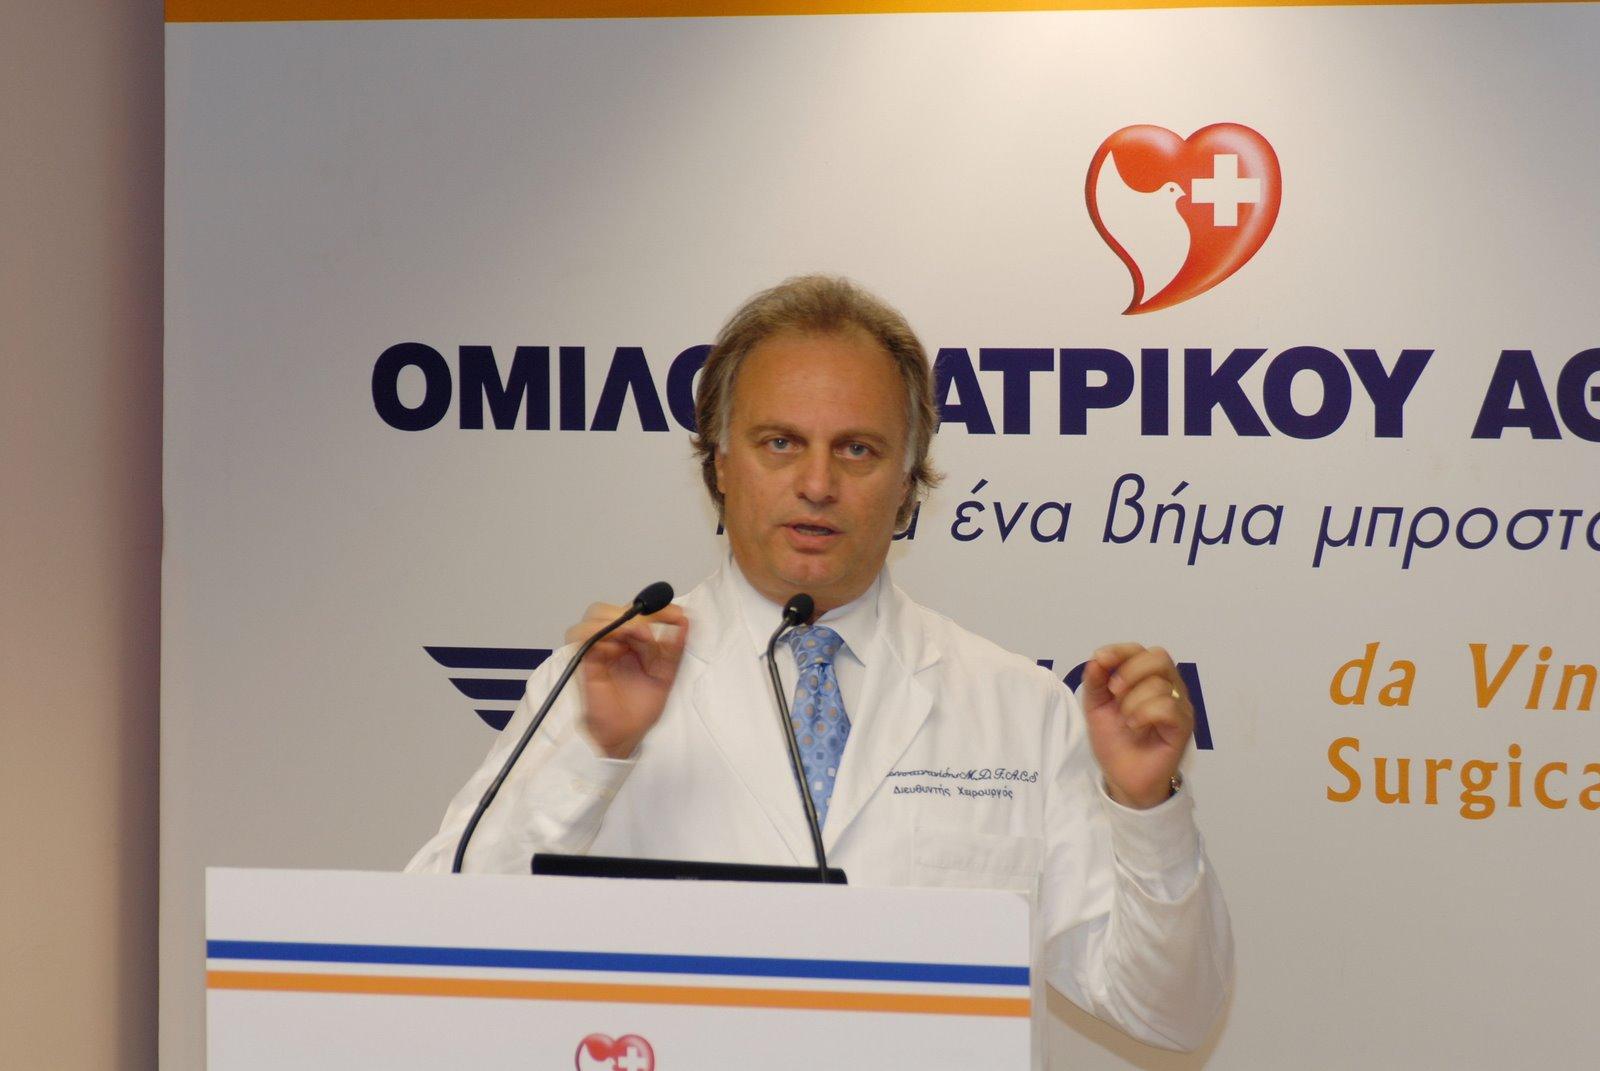 [ο+διαπρεπής+χειρουργός+κ+Κωνσταντίνος+Κωνσταντινίδης.jpg]